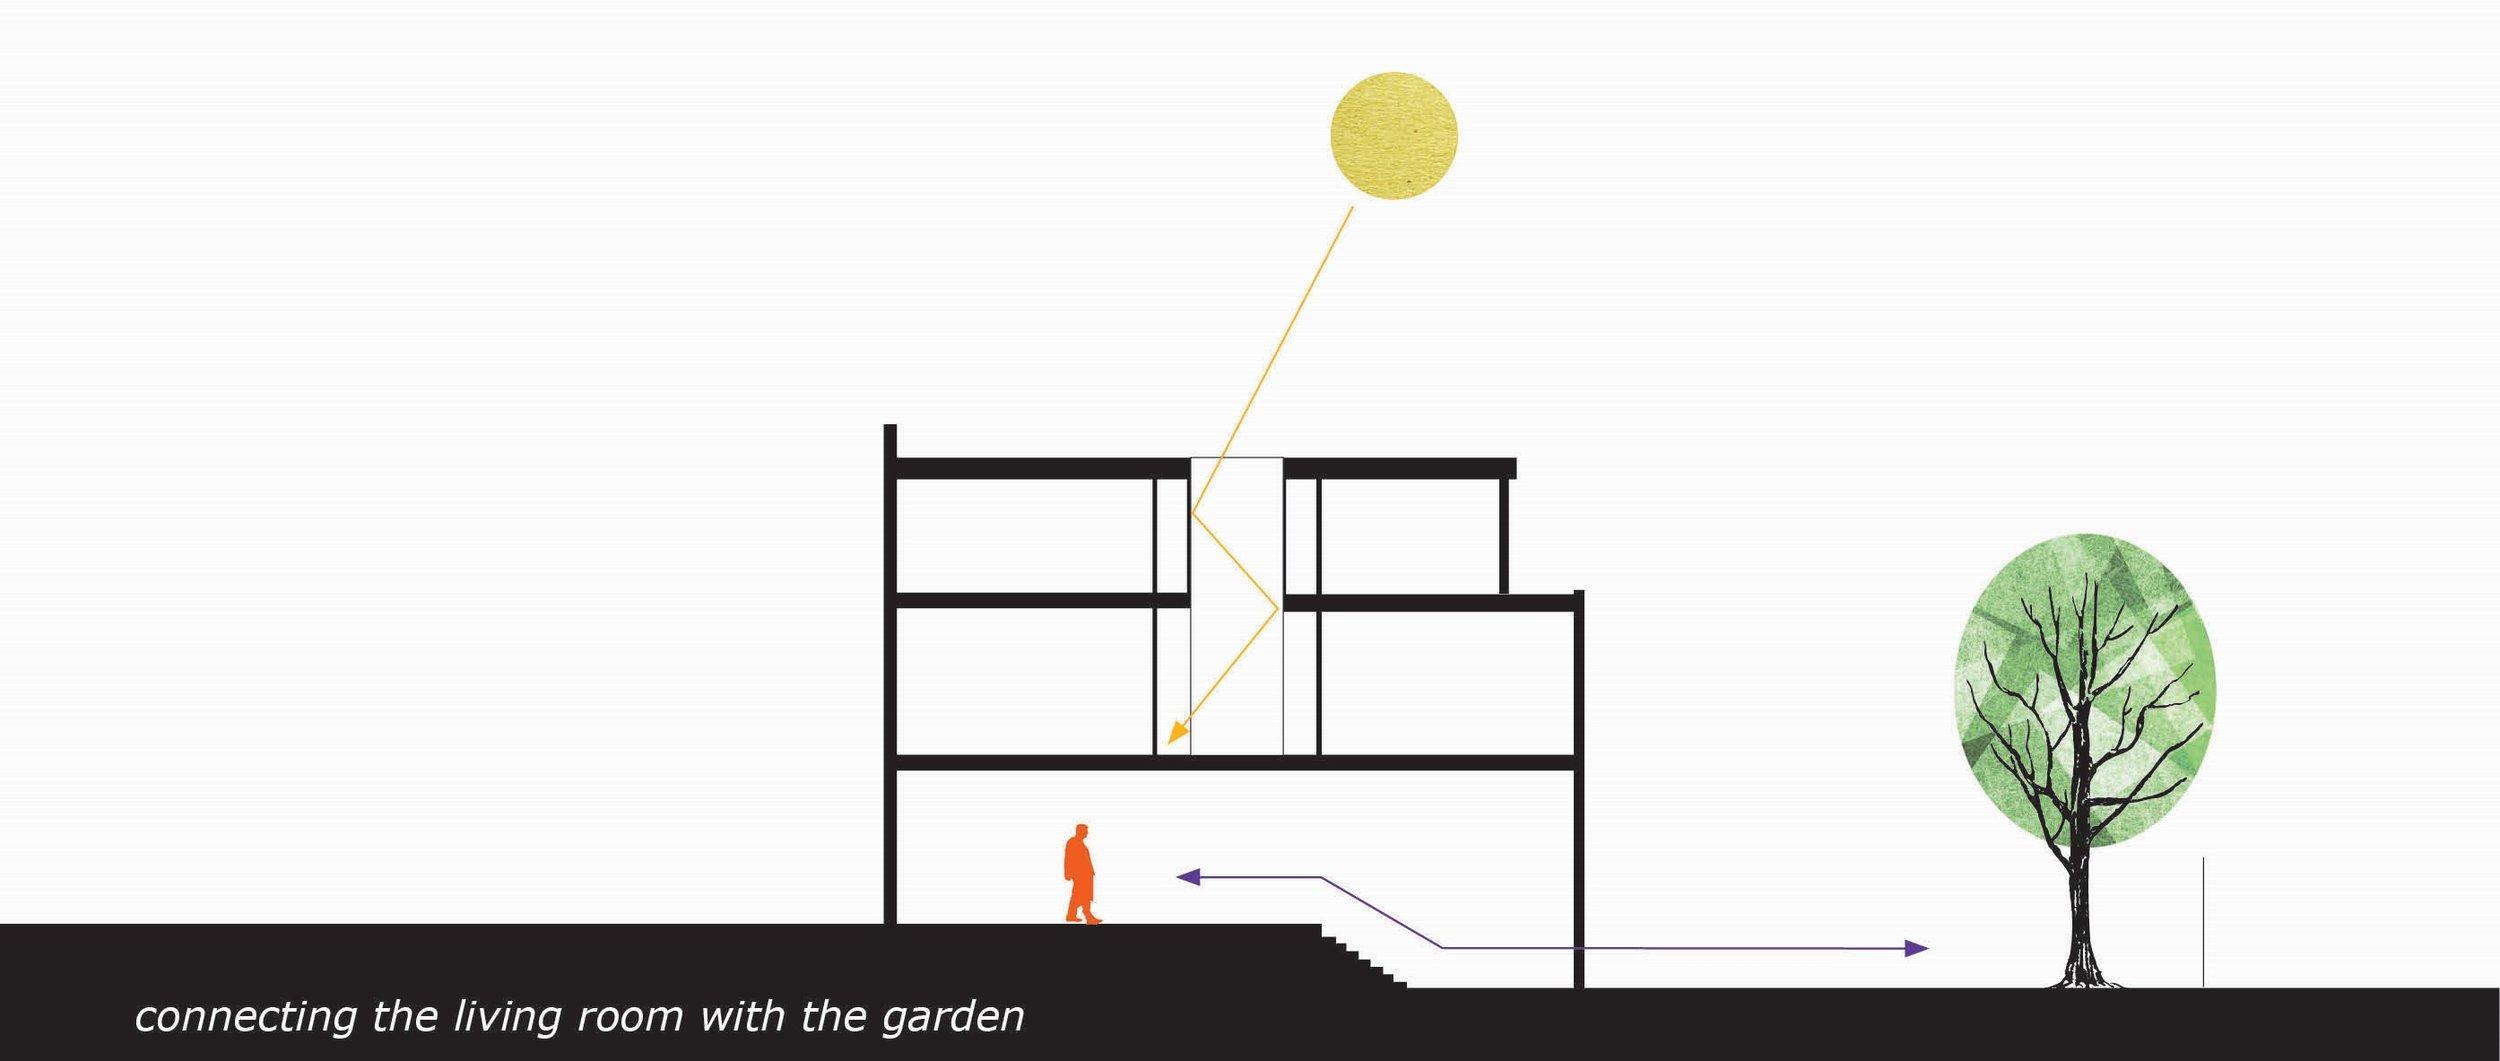 Personal-Architecture-rotterdam-ploeghof-3.jpg